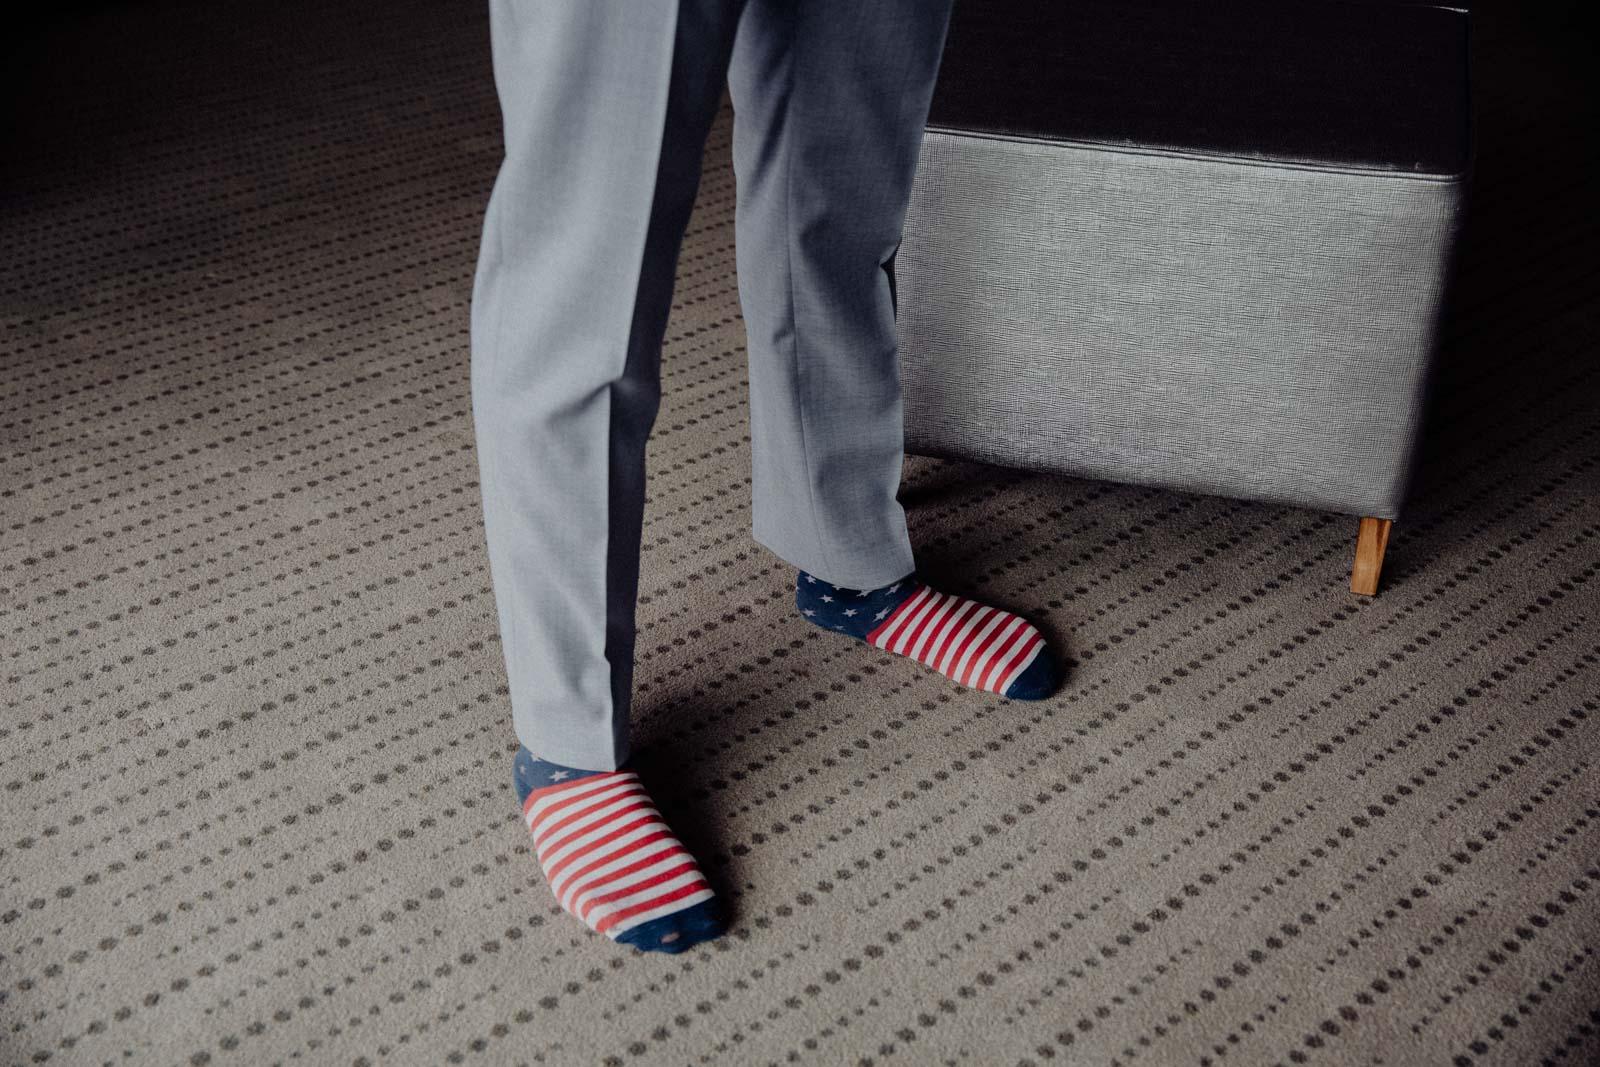 Braeutigam zieht sich im Hotelzimmer an und traegt bunte Socken